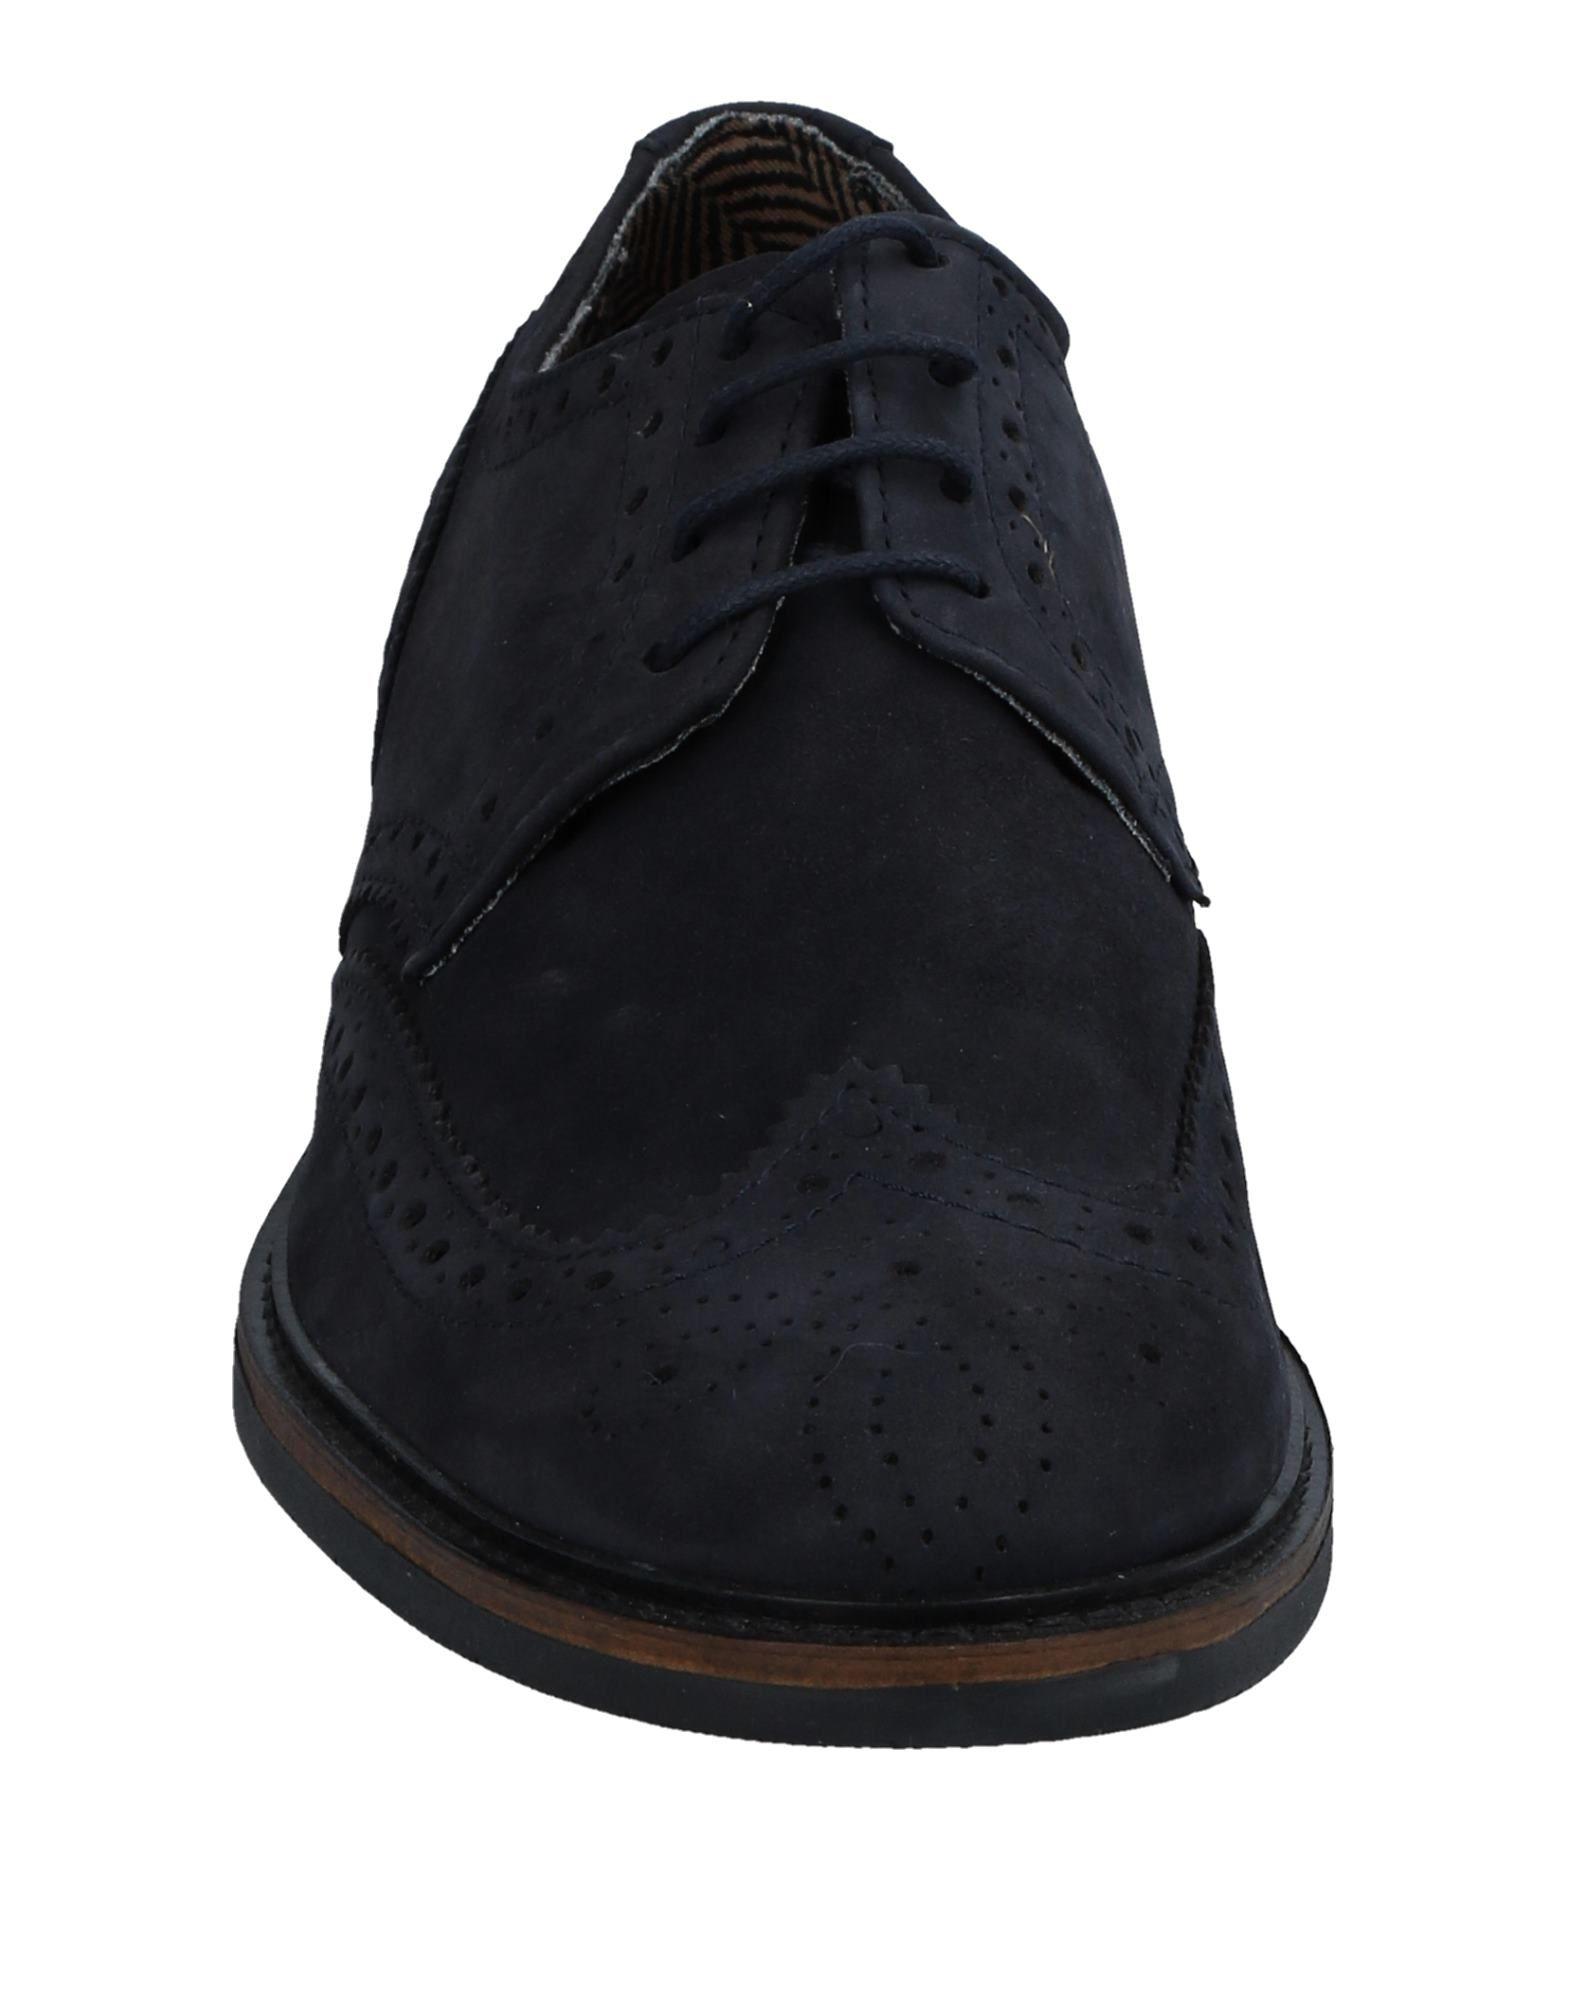 Rabatt echte Schuhe Herren At.P.Co Schnürschuhe Herren Schuhe  11380034DI 8ed97c